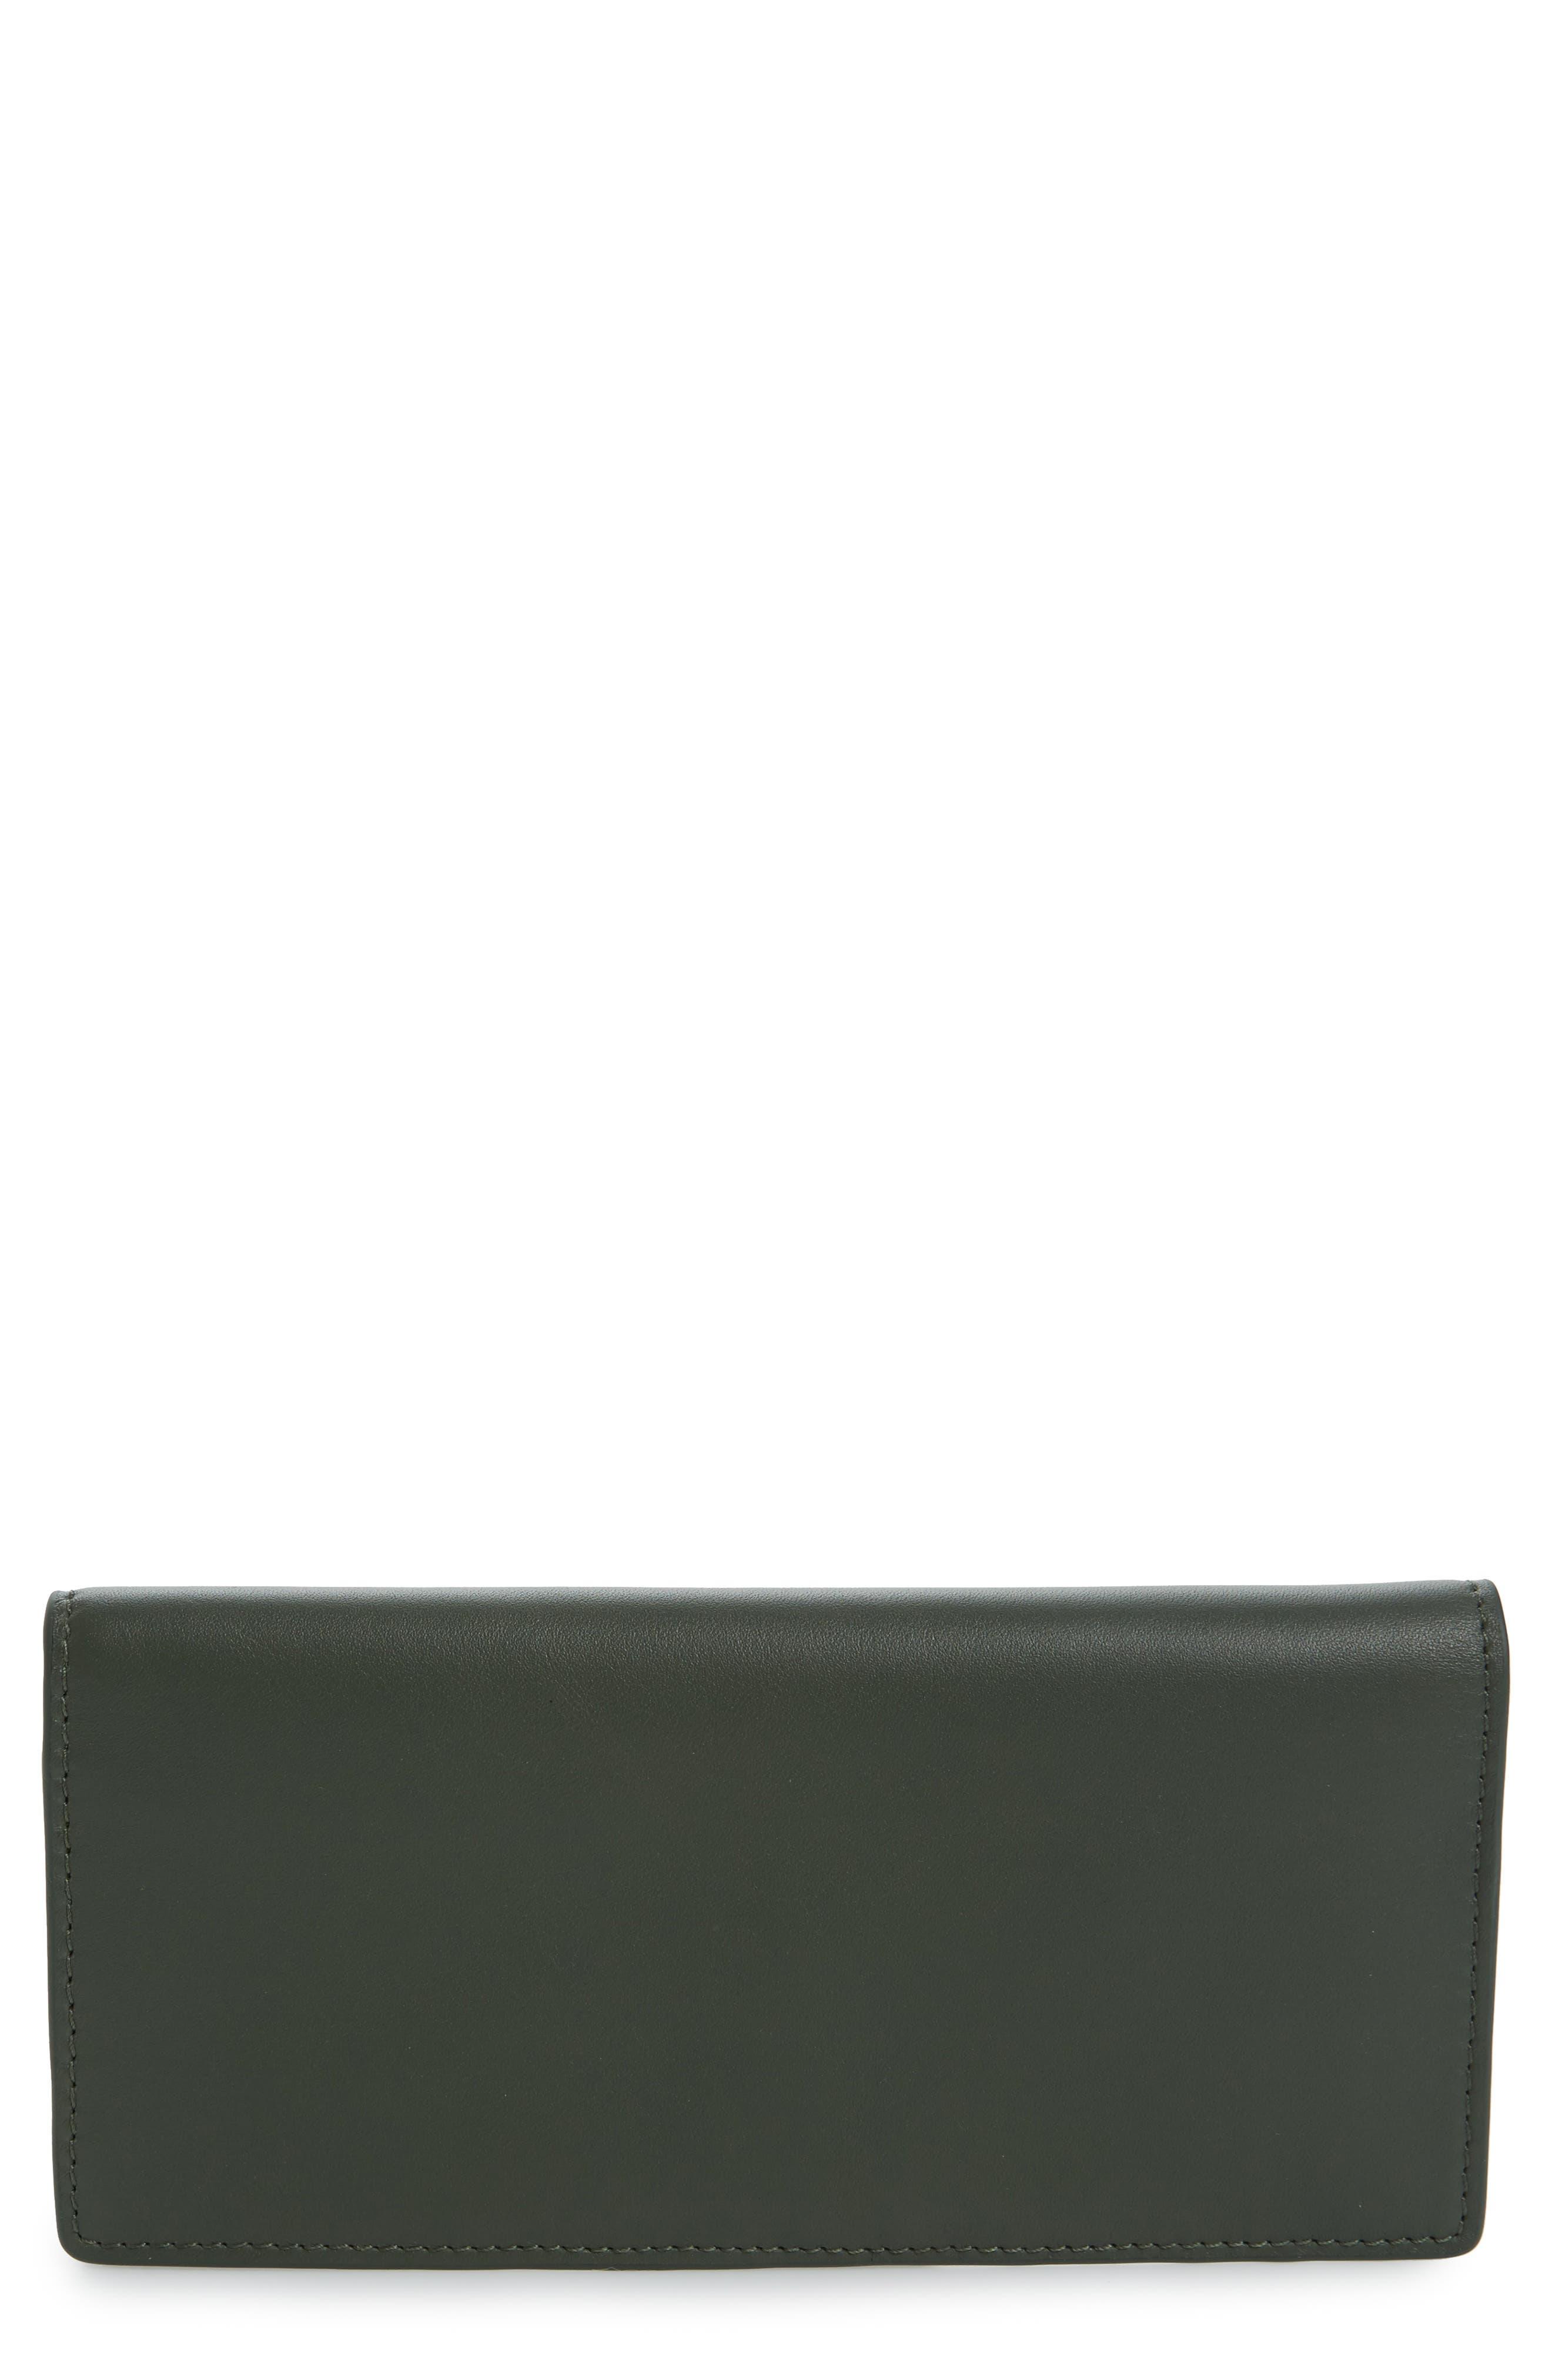 Skagen Slim Leather Wallet